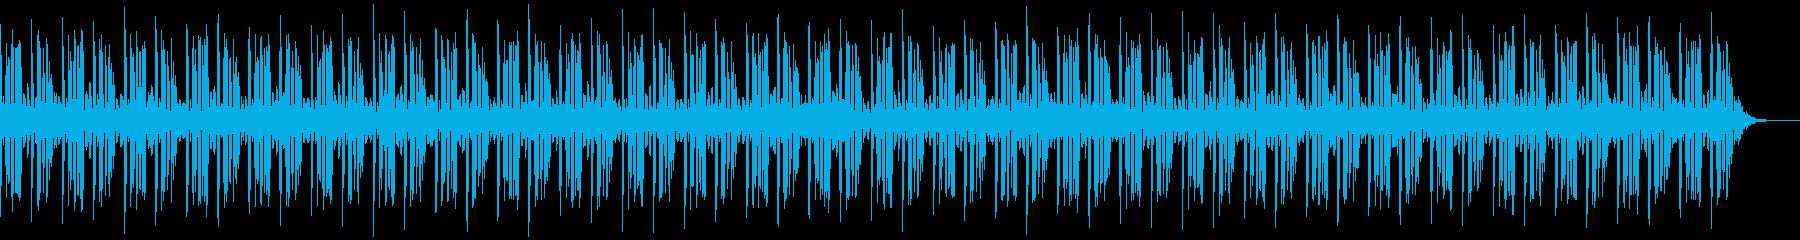 [ニュース報道]無機質:フラット:05の再生済みの波形